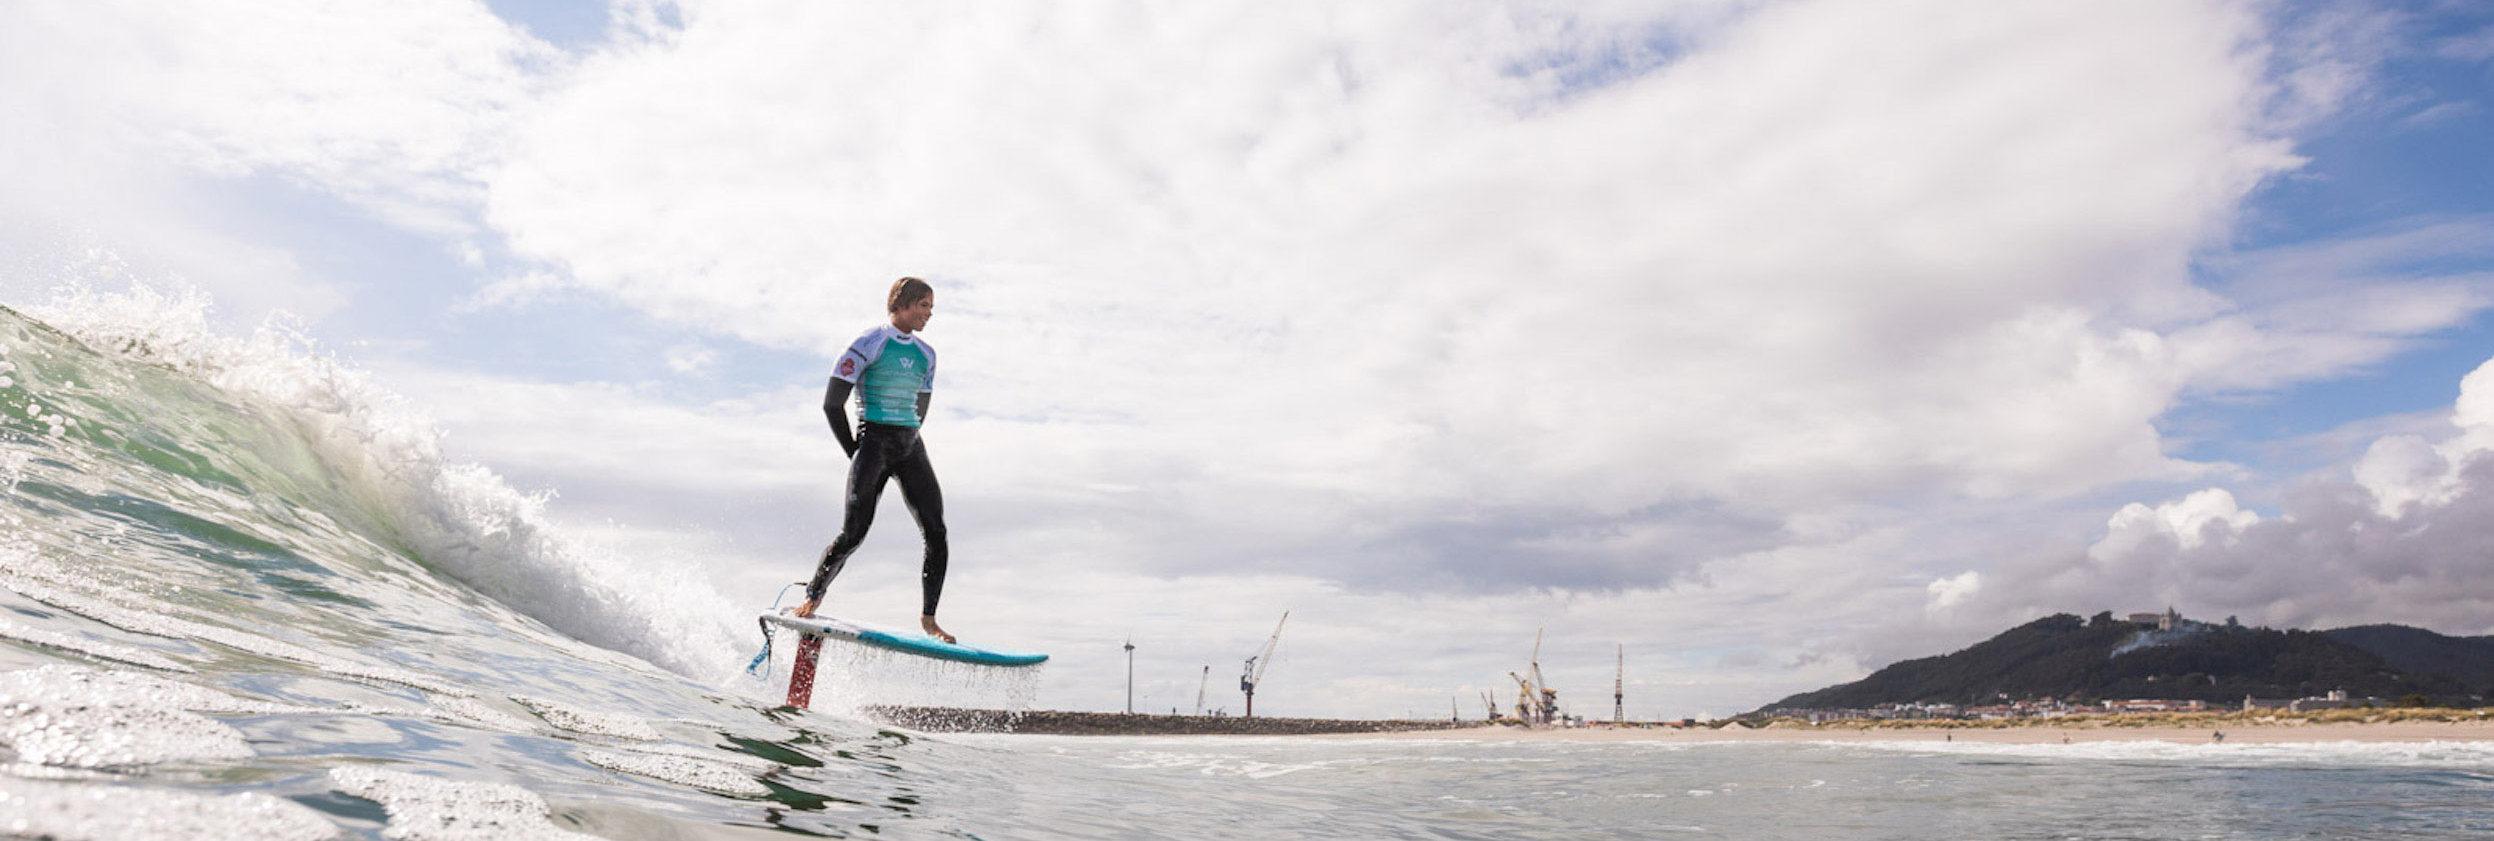 Keahi de Aboitiz - Surf foiling - GKA KSWT Portugal 2018